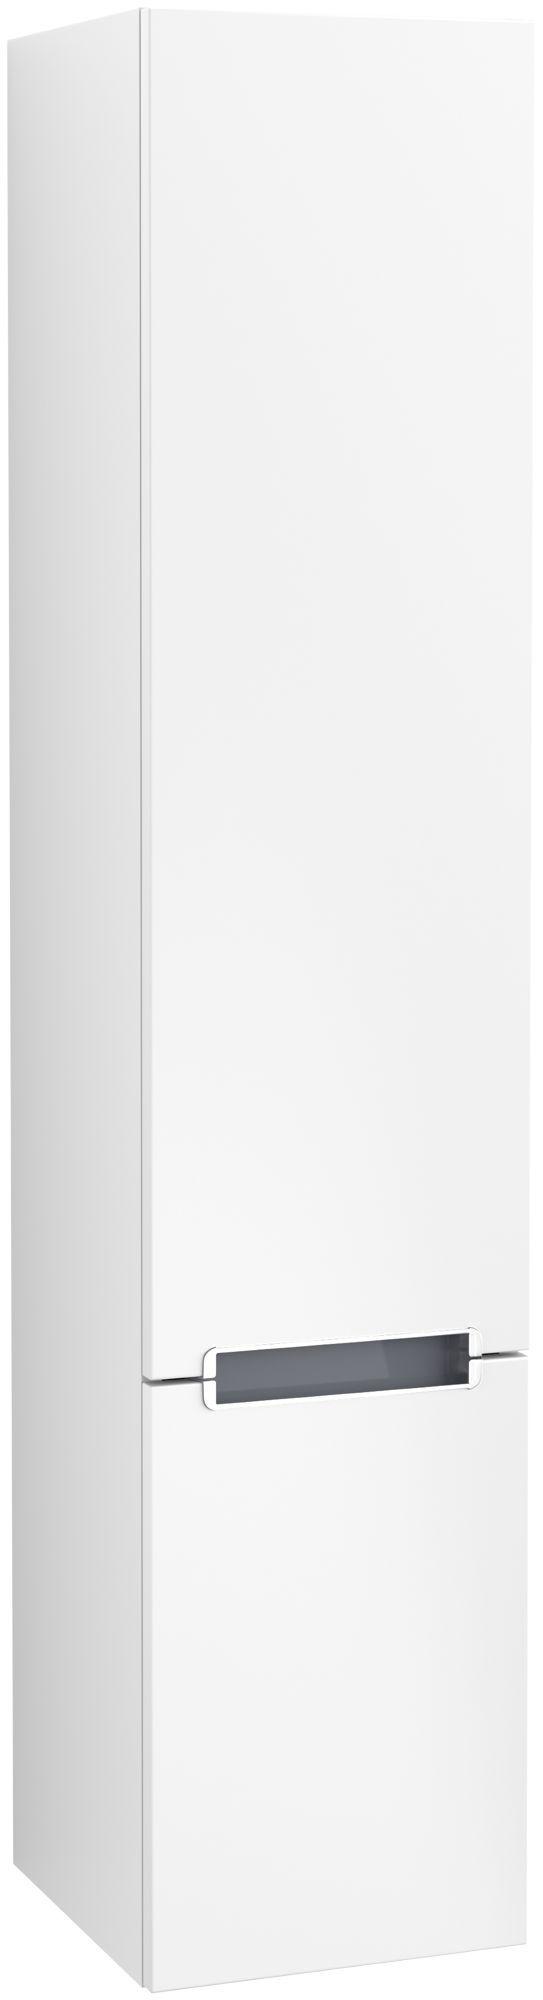 Villeroy & Boch Subway 2.0 Hochschrank 2 Türen Anschlag links B:350xT:370xH:1650mm weiß matt Griffe silberfarbig matt A70900MS